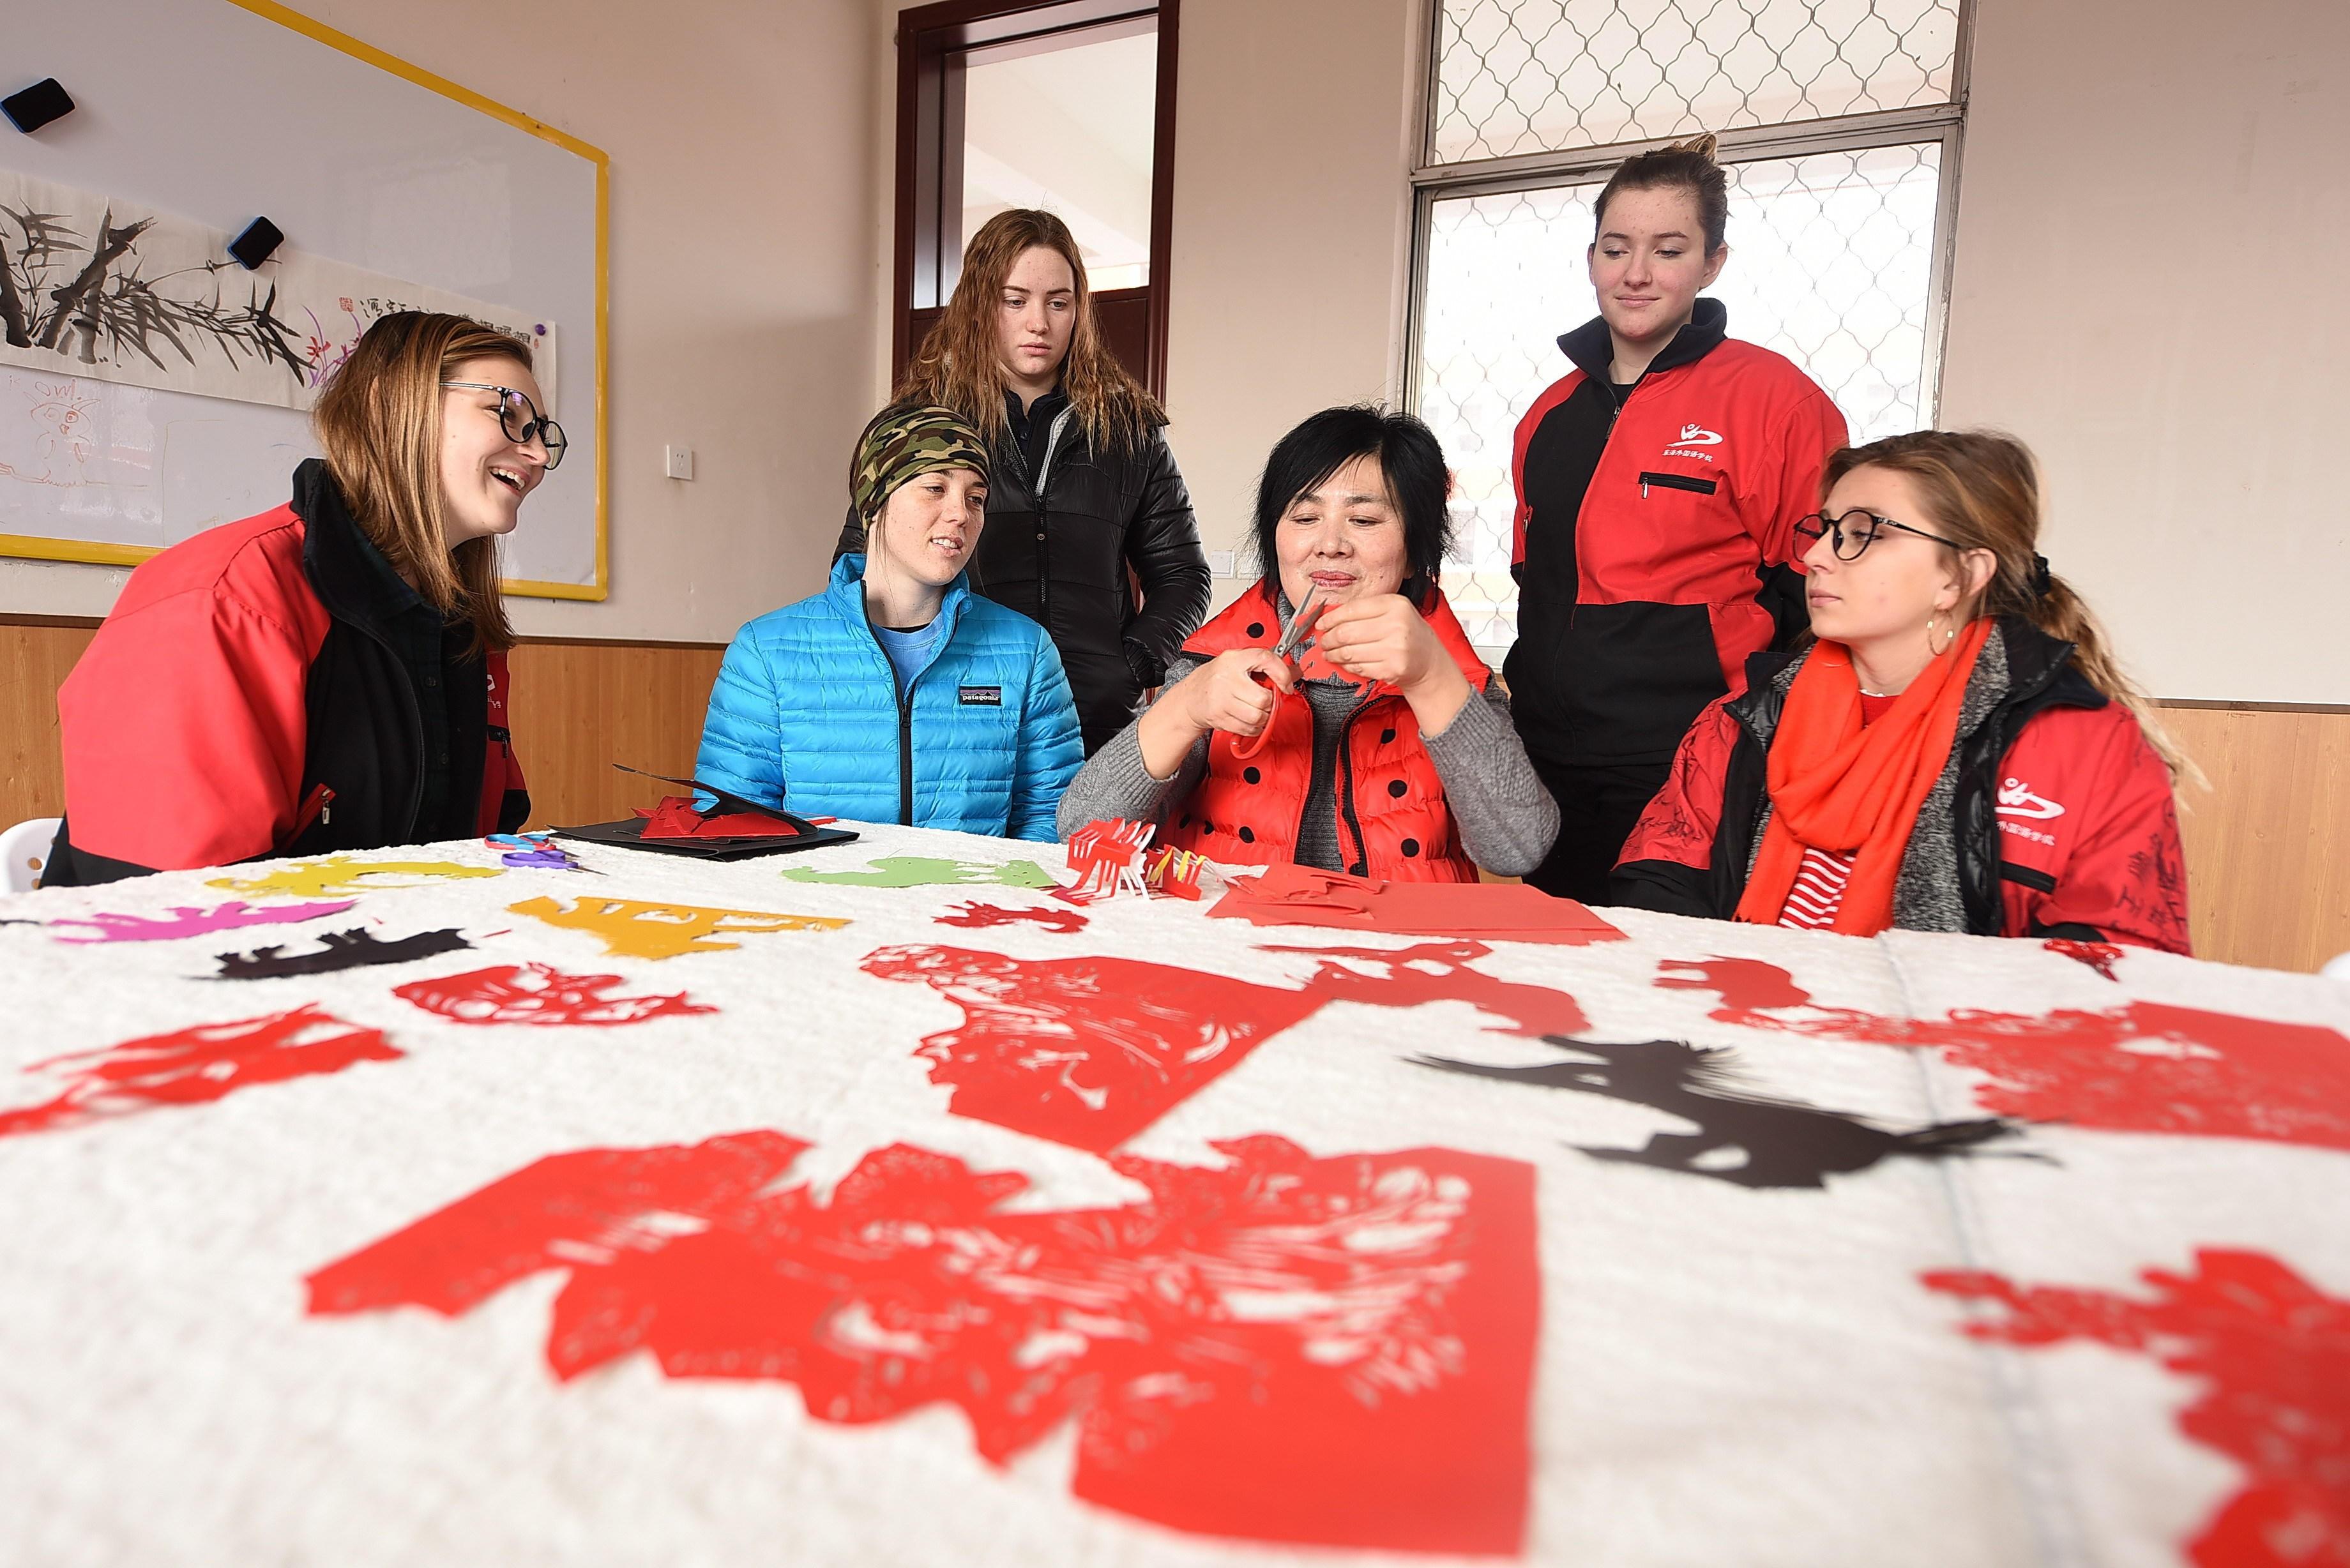 Năm 2017, Trung Quốc có 157 nghìn sinh viên quốc tế, 40% trong đó đến từ các nước bên ngoài khu vực Đông Á và Đông Nam Á, theo số liệu do nhóm nghiên cứu ở Trường ĐH Phú Xuân cung cấp. Trong ảnh: Sinh viên quốc tế ở Trung Quốc trải nghiệm nghệ thuật cắt giấy truyền thống. Nguồn: Alamy